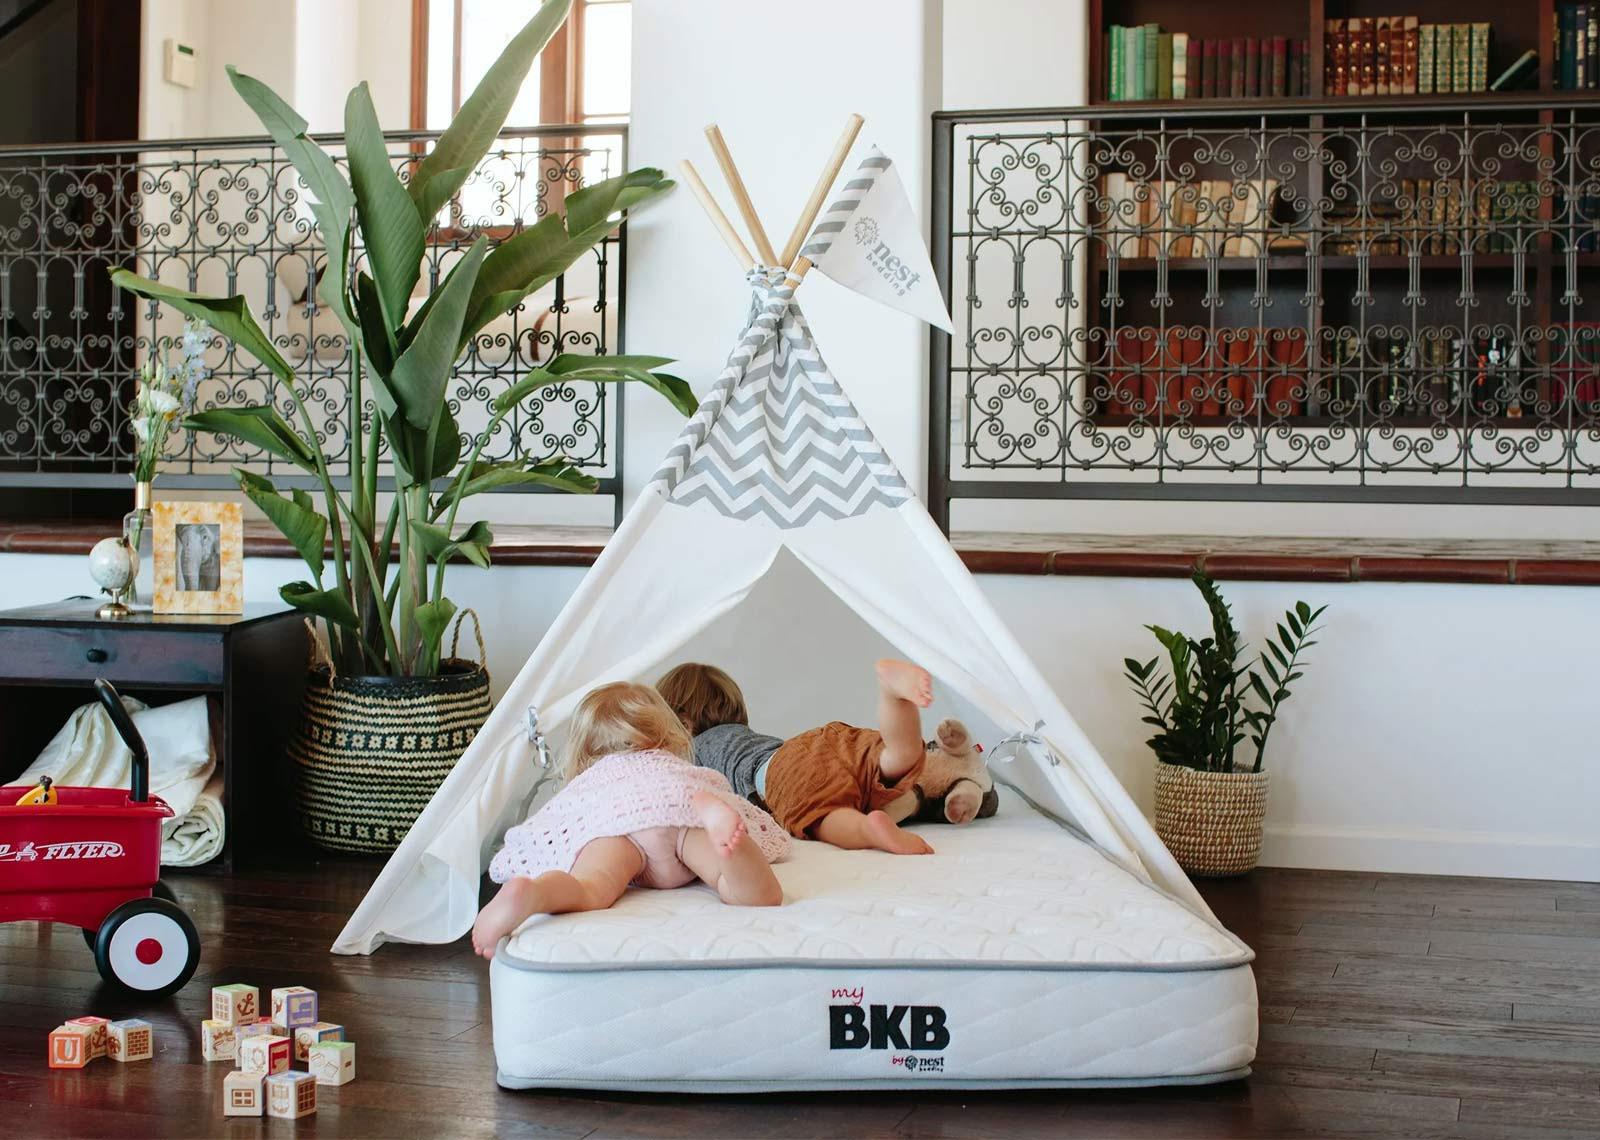 Nest Big mattress